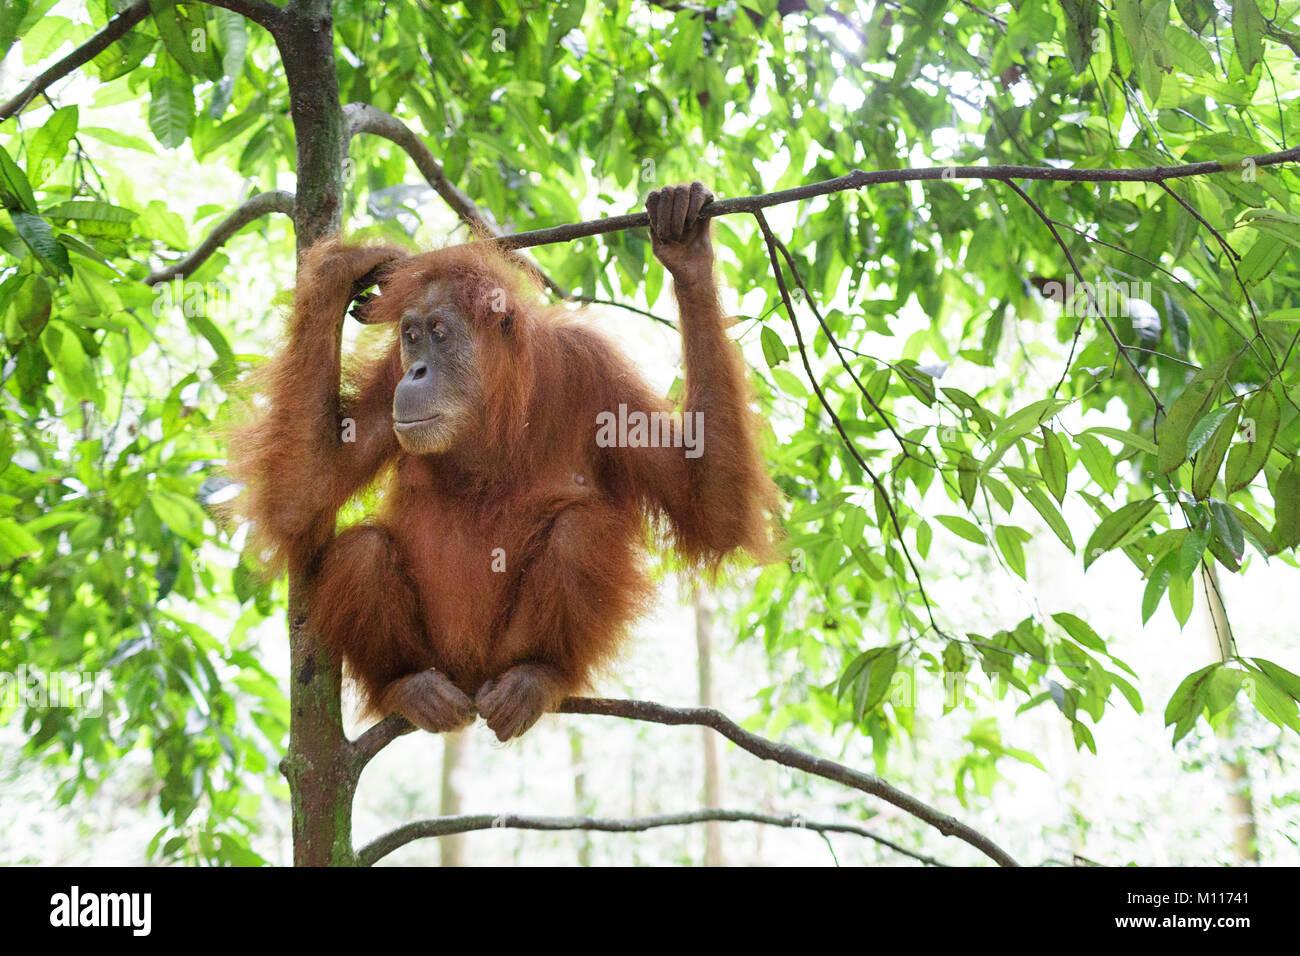 Erwachsene Frau Orang-utan hängen von Ästen im Gunung Leuser Nationalpark, Sumatra, Indonesien. Stockbild